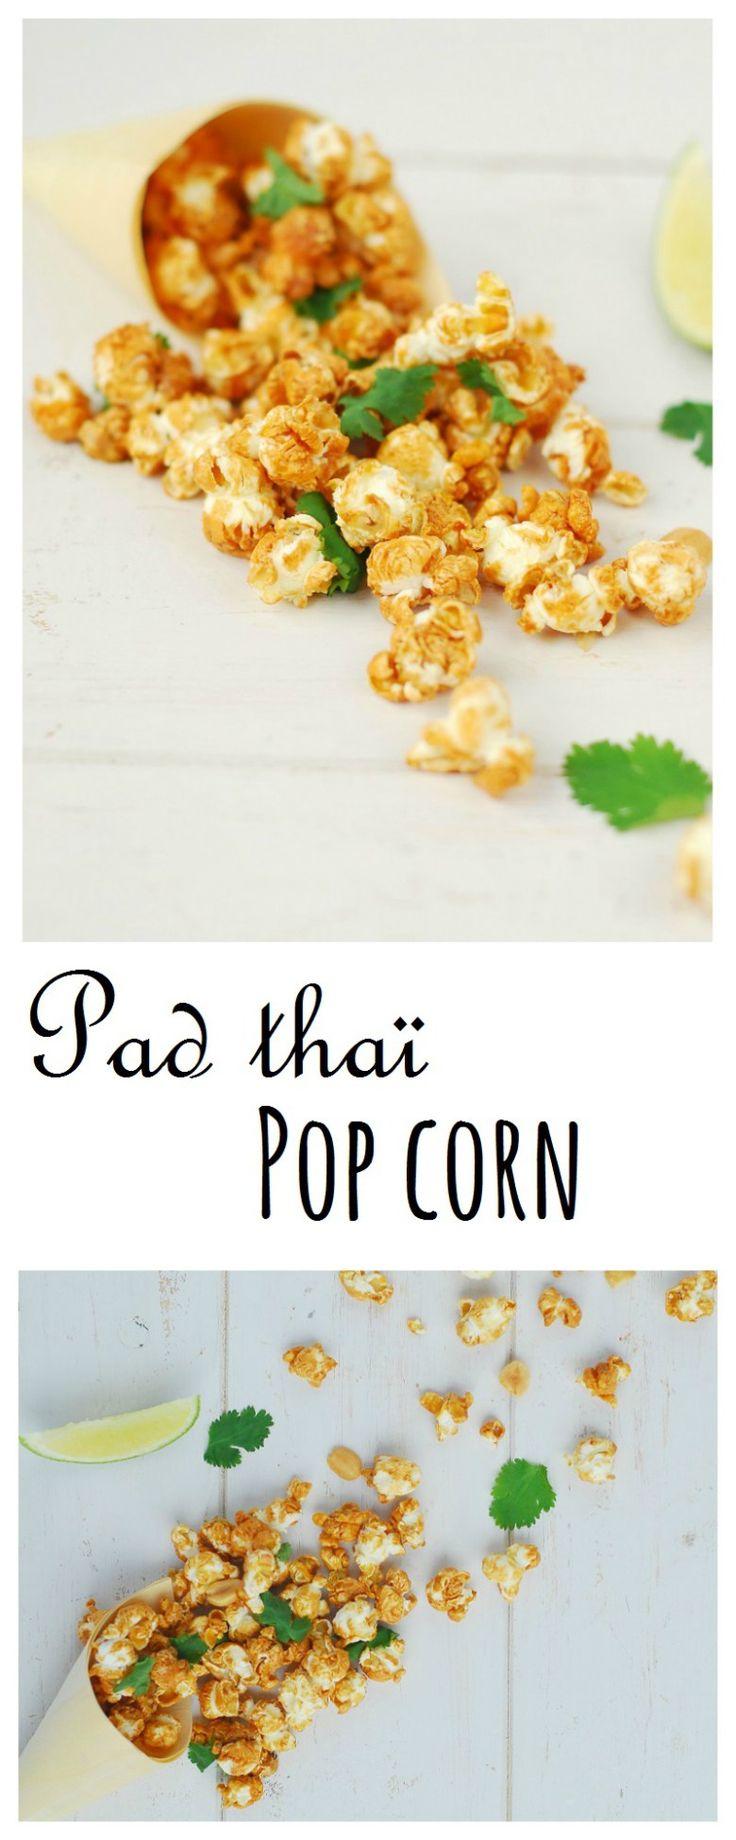 Pad thai pop corn -  Une recette de pop corn salé aux saveurs de cacahuètes, coriandre sucré-salé pour un apéritif qui sort de l'ordinaire!!